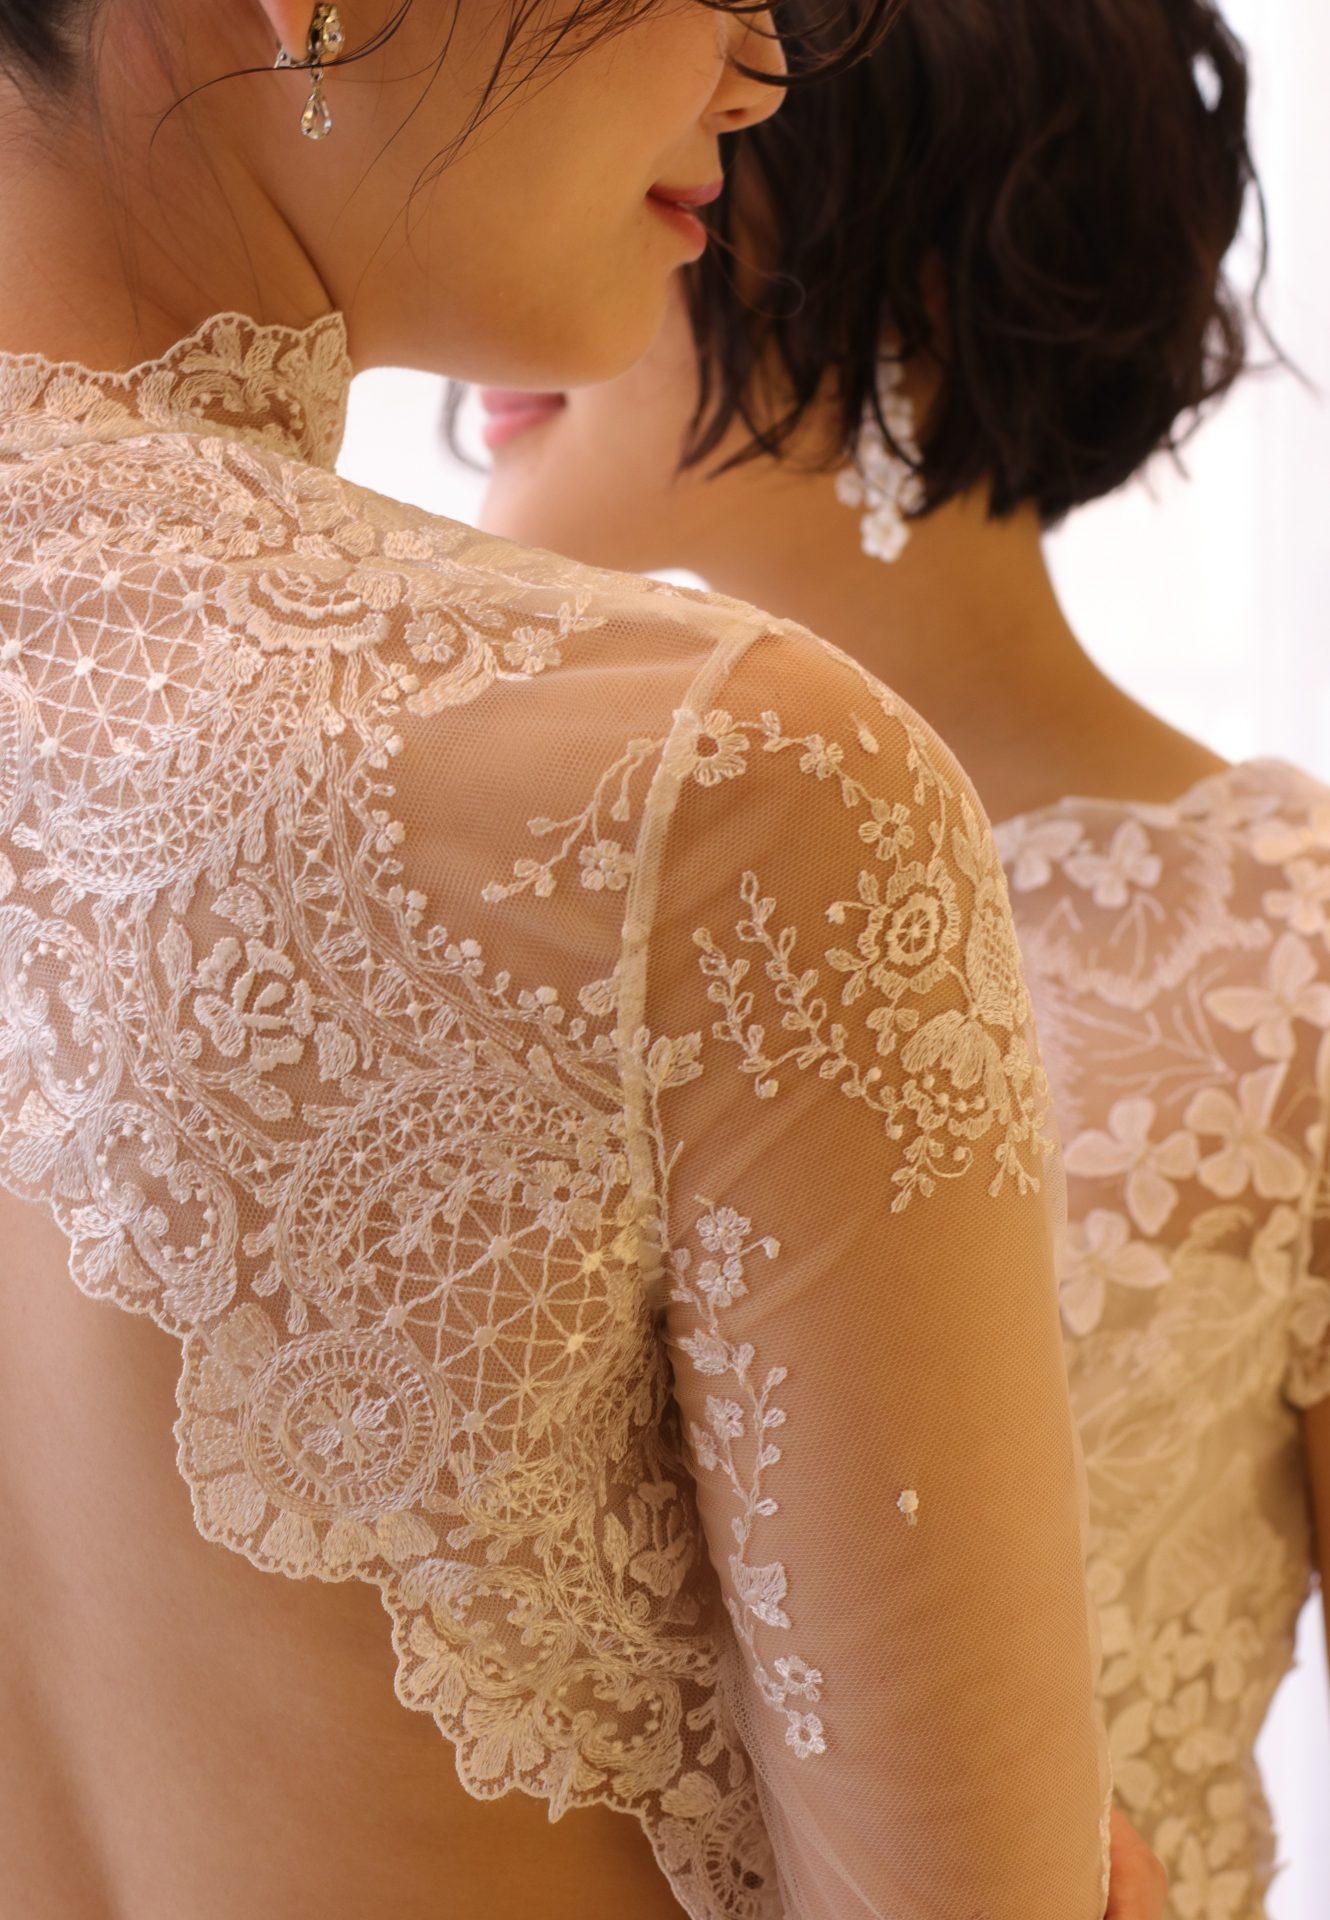 お肌に浮かび上がるような繊細で美しいレースで、モダン・ロマンティックをコンセプトにしたエリザベス・フィルモアらしい 女性心をくすぐるウェディングドレス姿になります